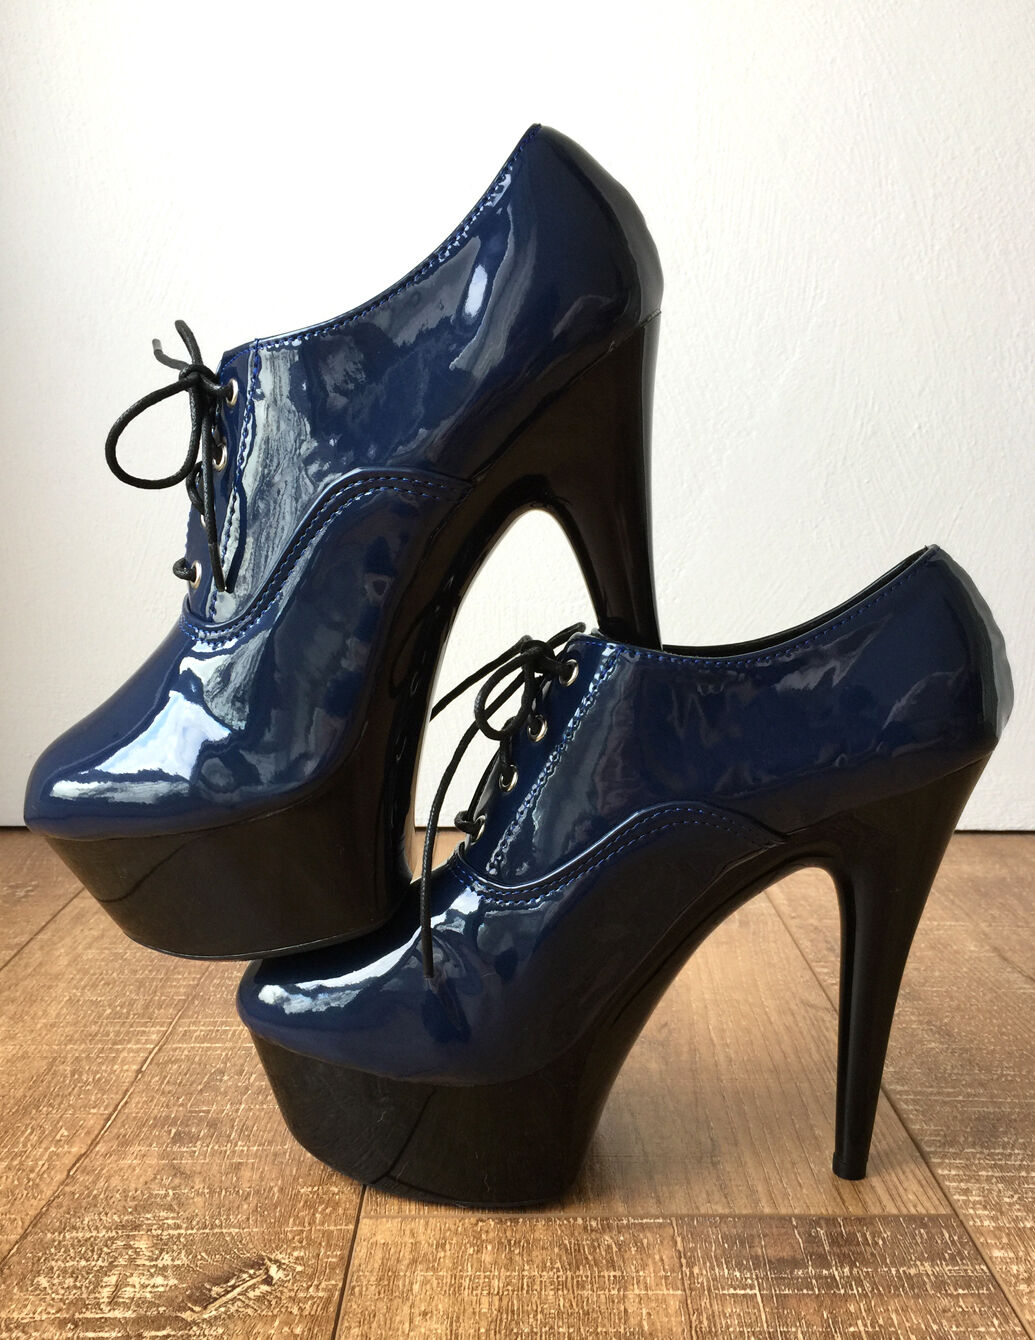 15cm Platform Ankle Indigo Blue Oxford Bootie Extreme Hi Heel Goth Drag Queen